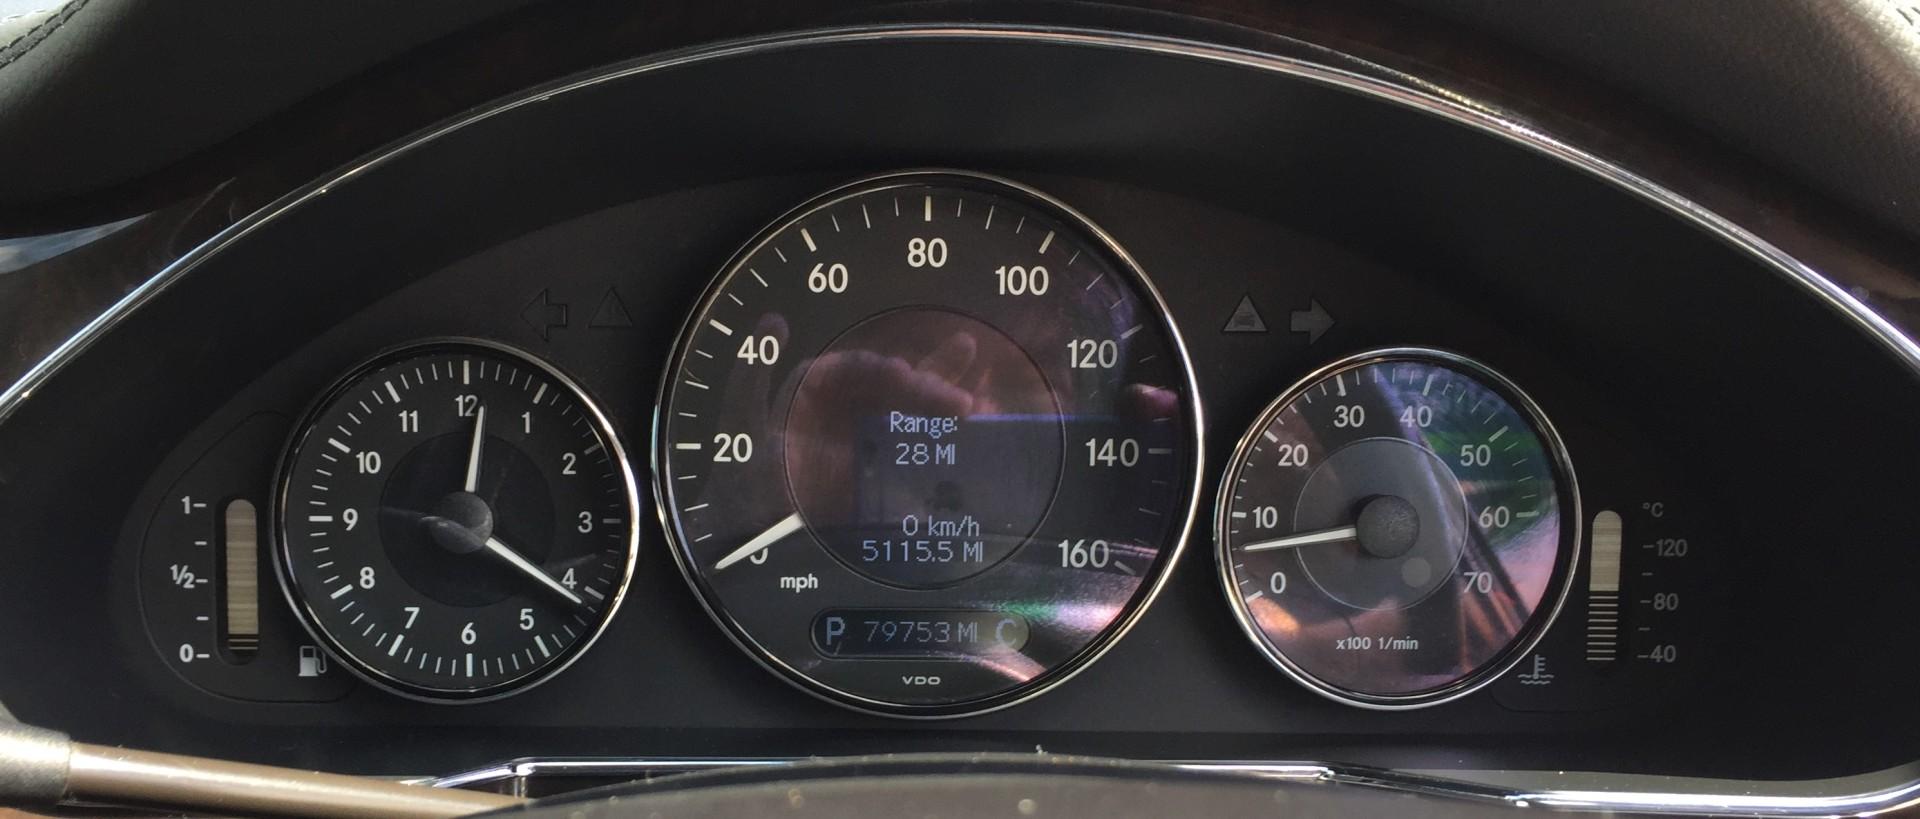 79,753 Miles